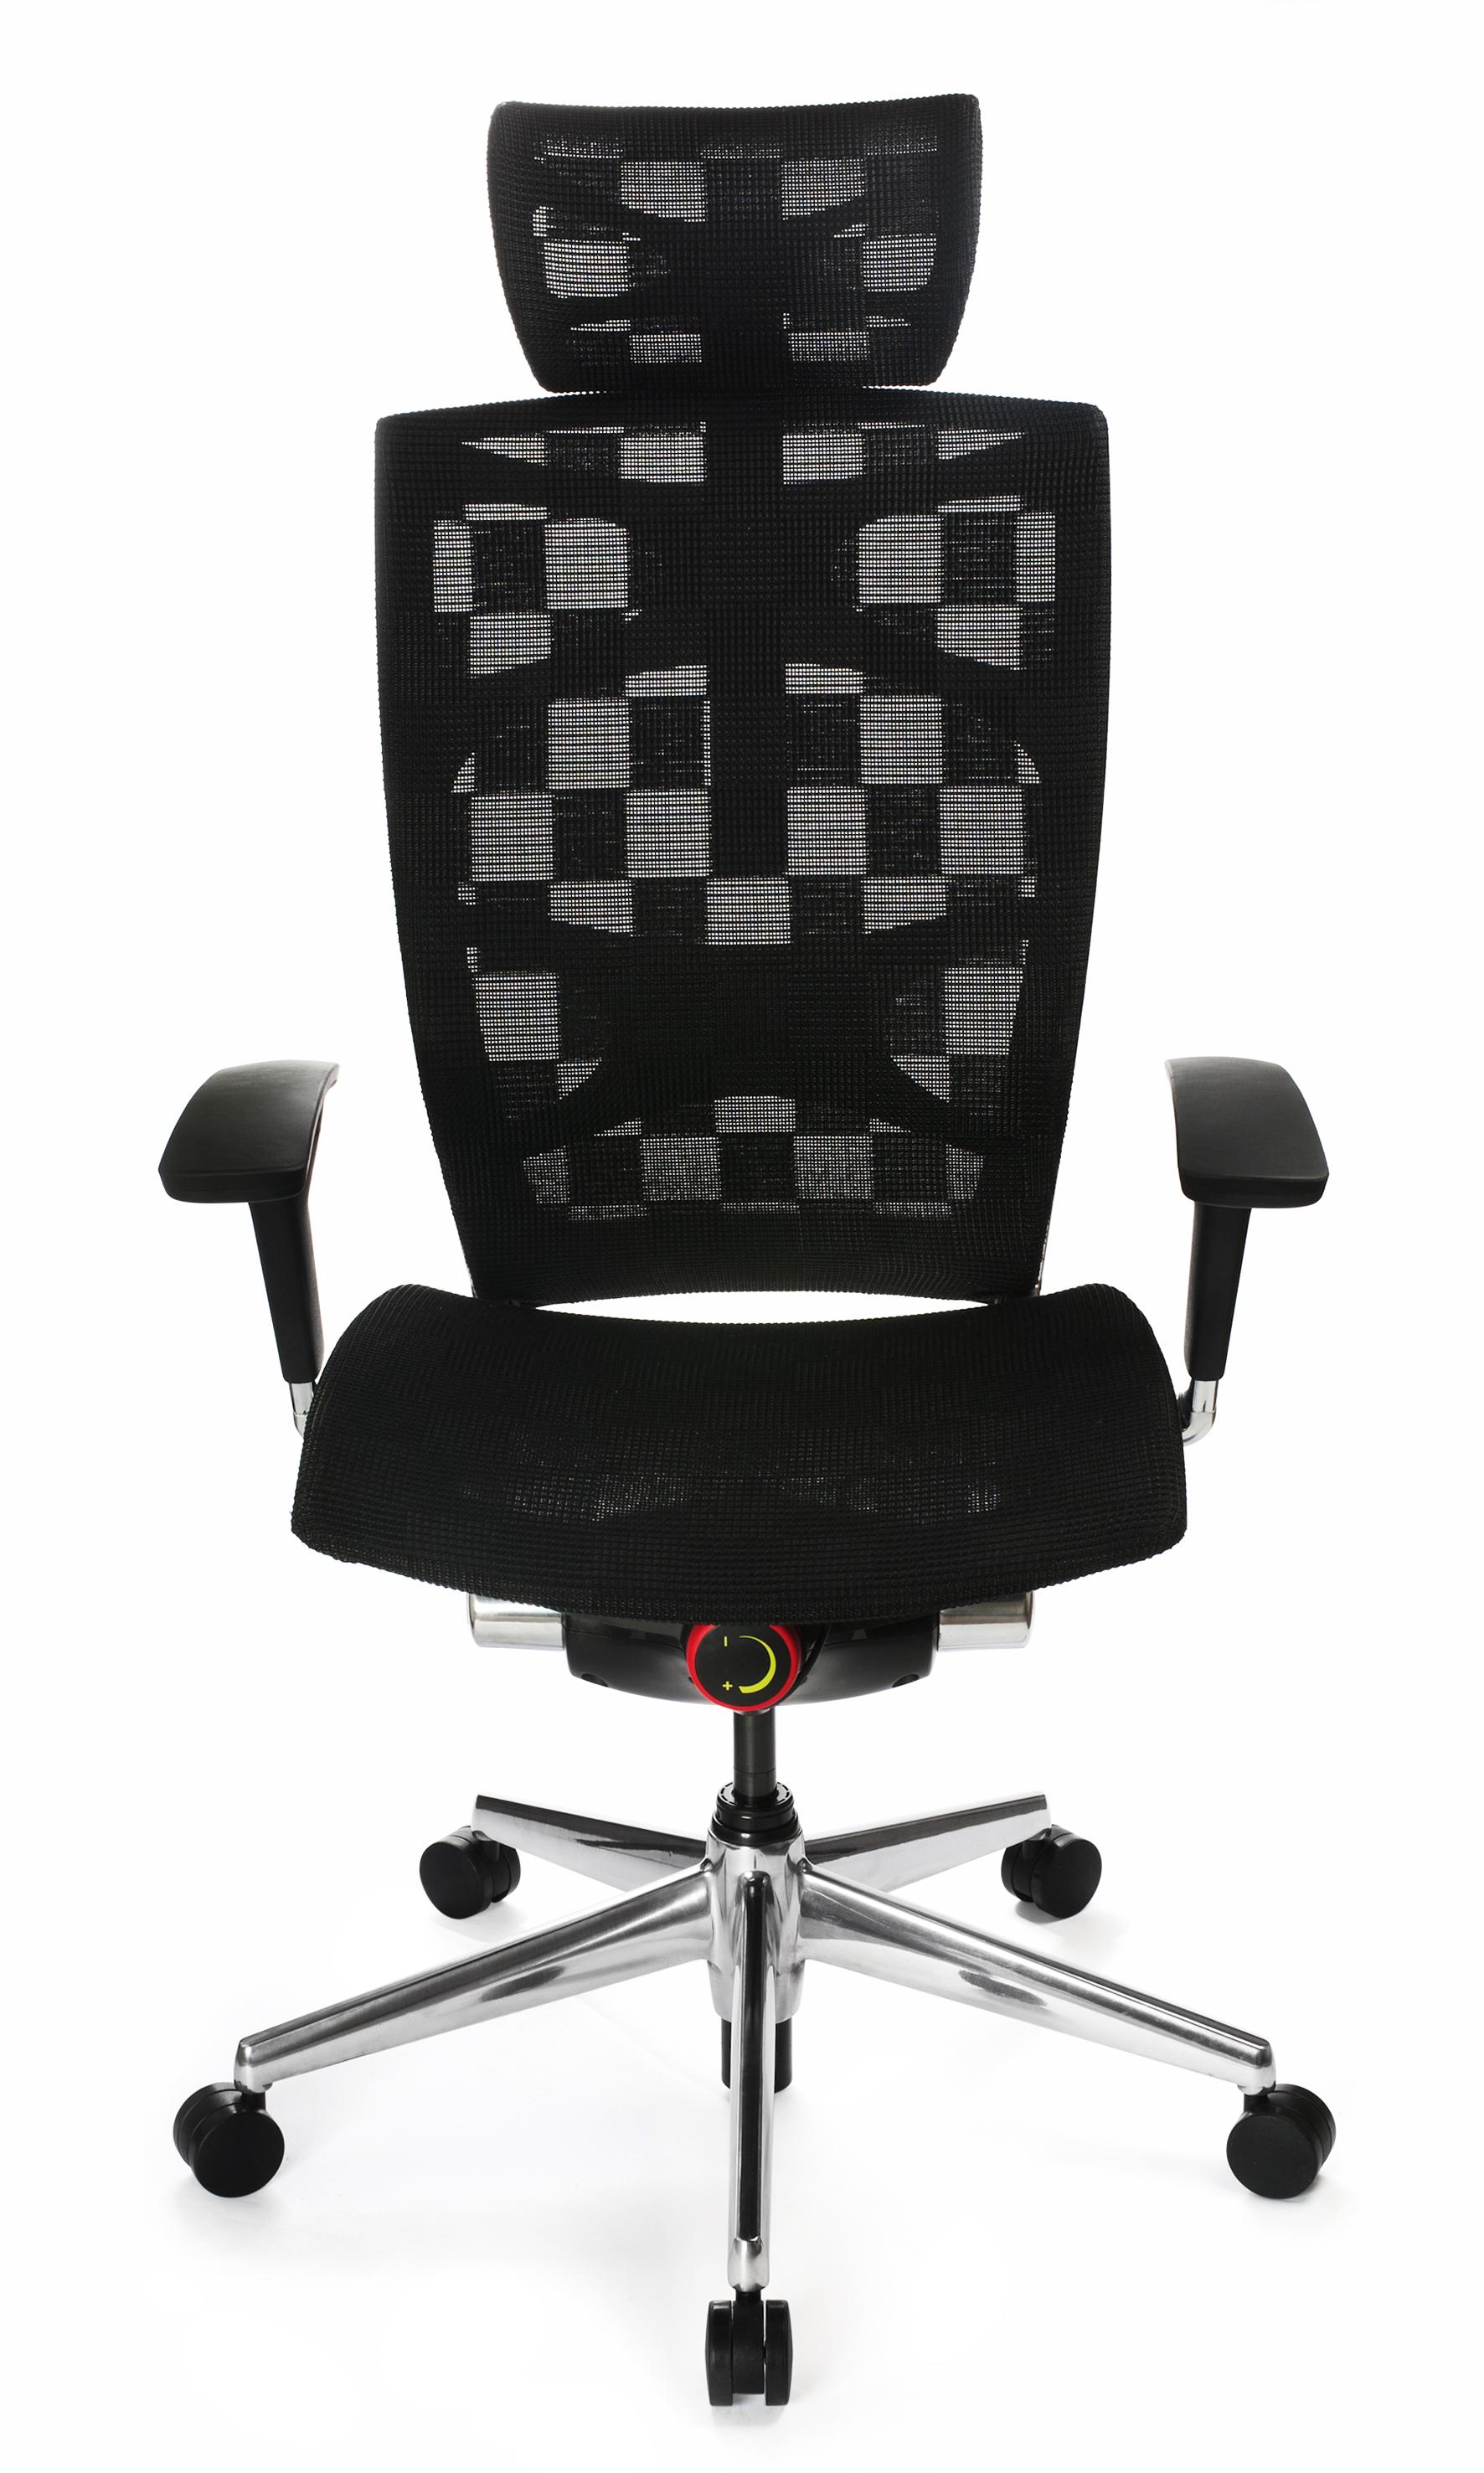 Бюрократ 811/Black клетка - (; основа стола Металл; нагрузка на сидение 135 кг; механизм качания - есть, с фиксацией в любом положении)